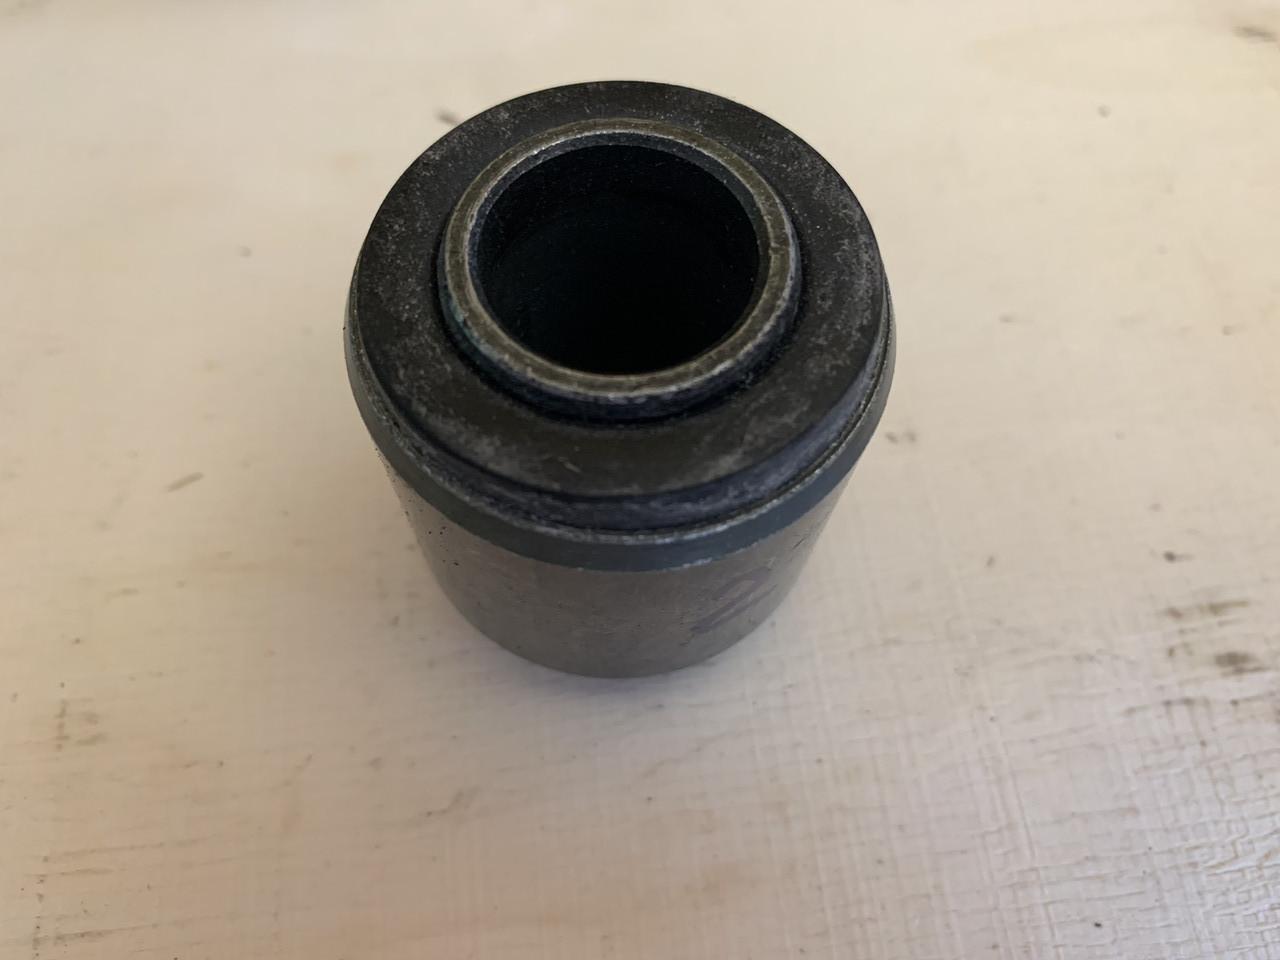 Сайлентблок амортизатора Карго передний d20/42 L46